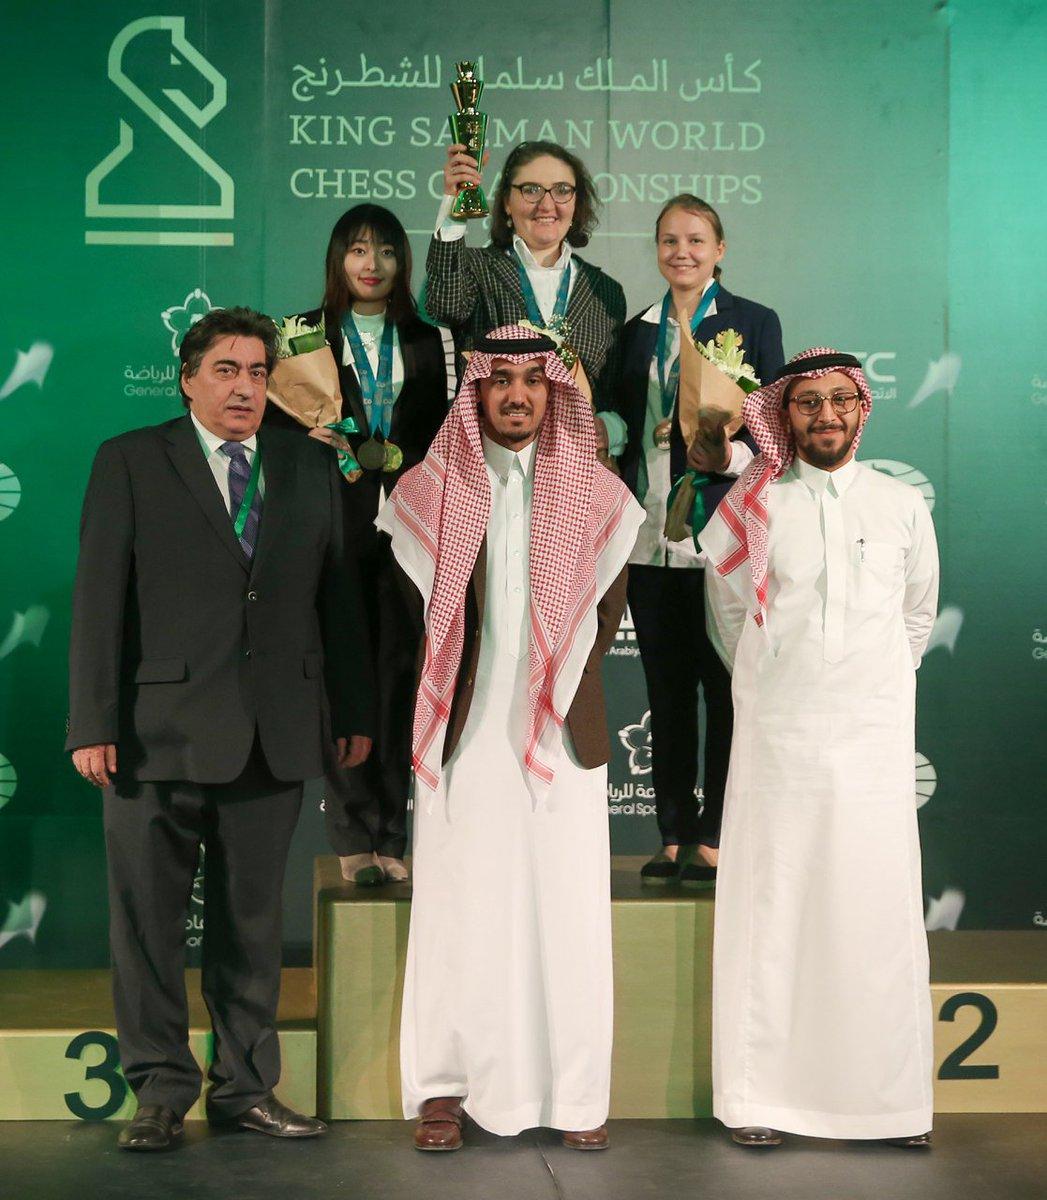 الروسي كارياكين وصيفا لبطل كأس الملك سلمان للشطرنج DSUEB1yWkAAfPtf